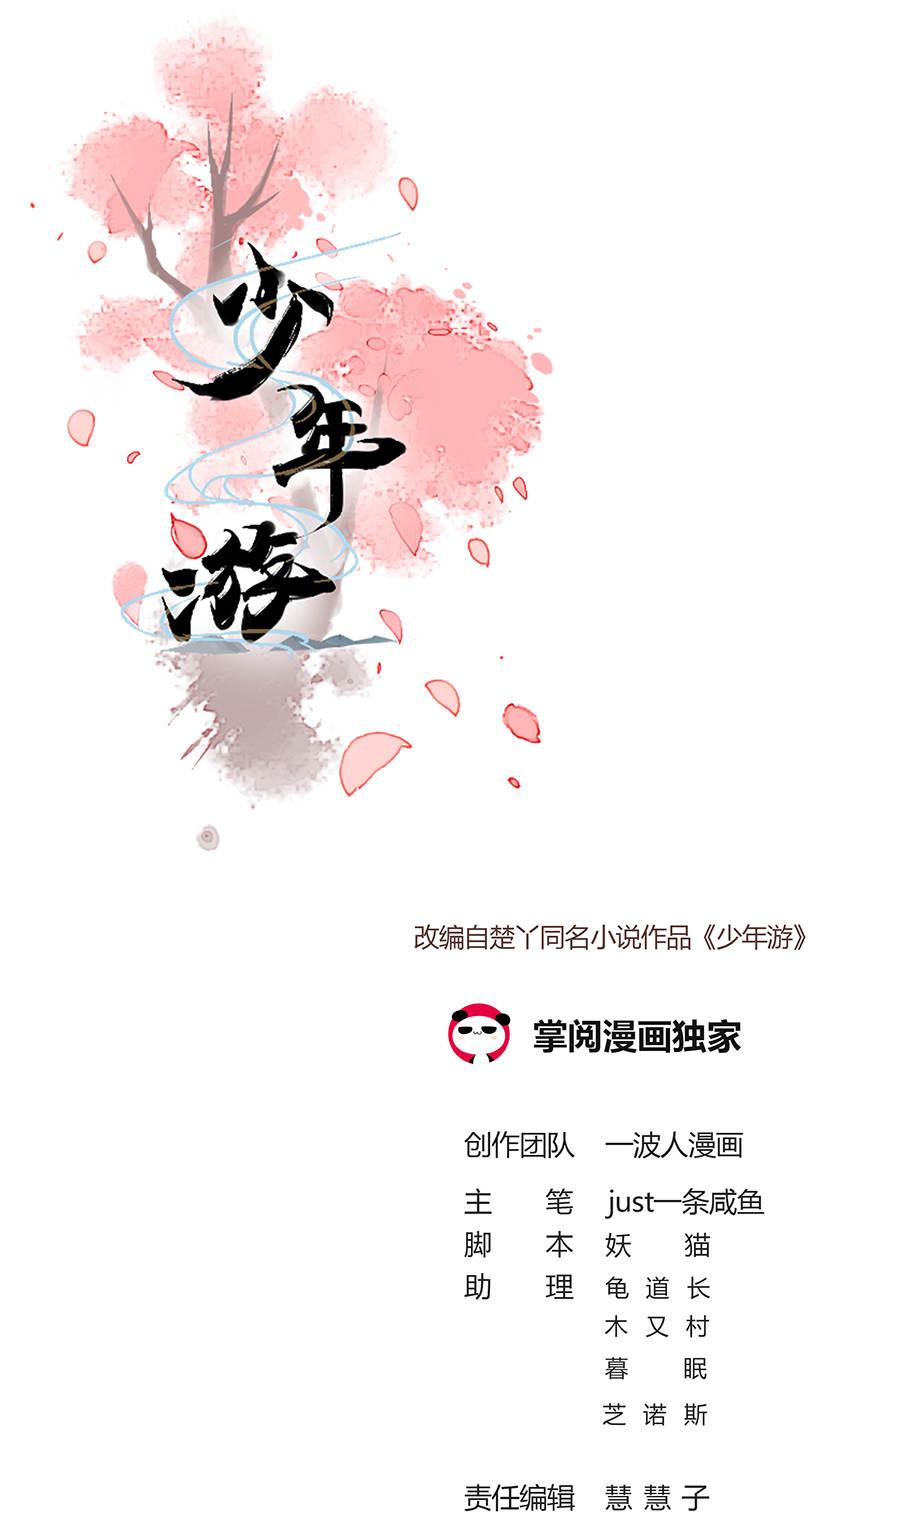 少年游第30话  红灯笼红 浮生皆苦(万圣节福利) 第 1